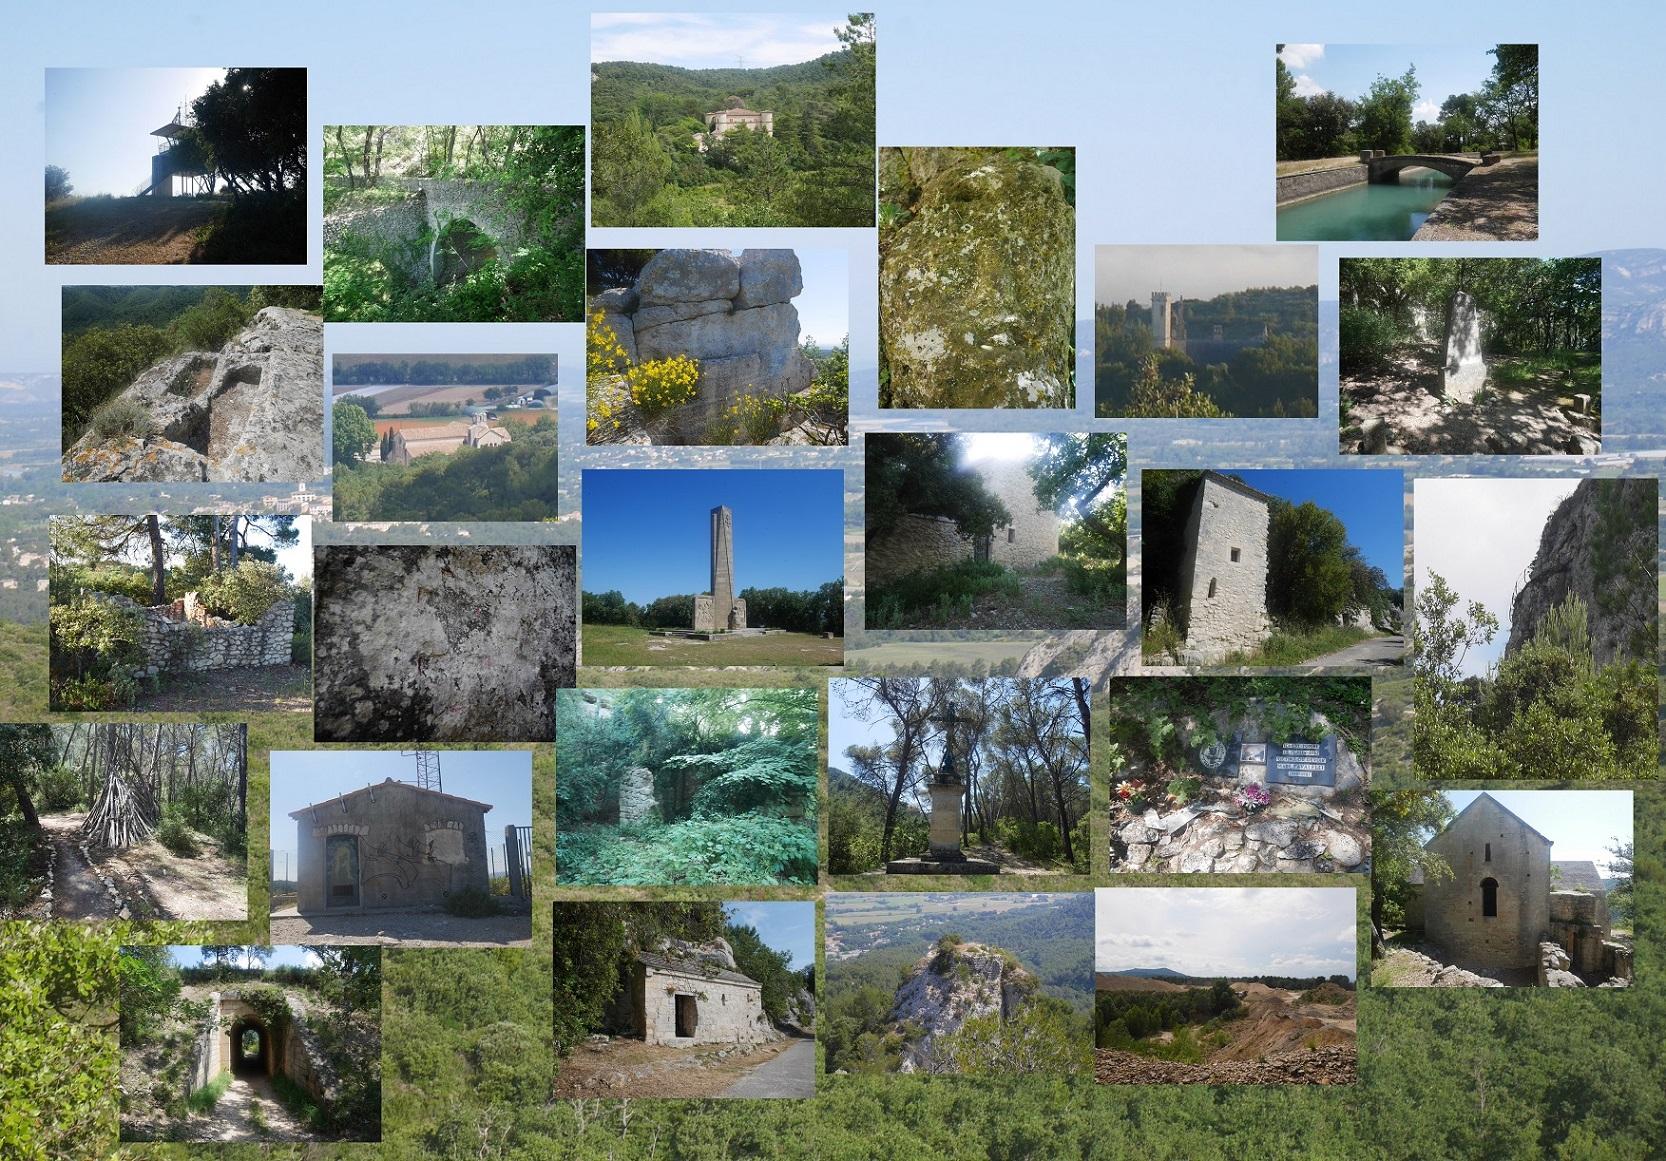 87-Montage des Bâtiments, monuments, curiosités